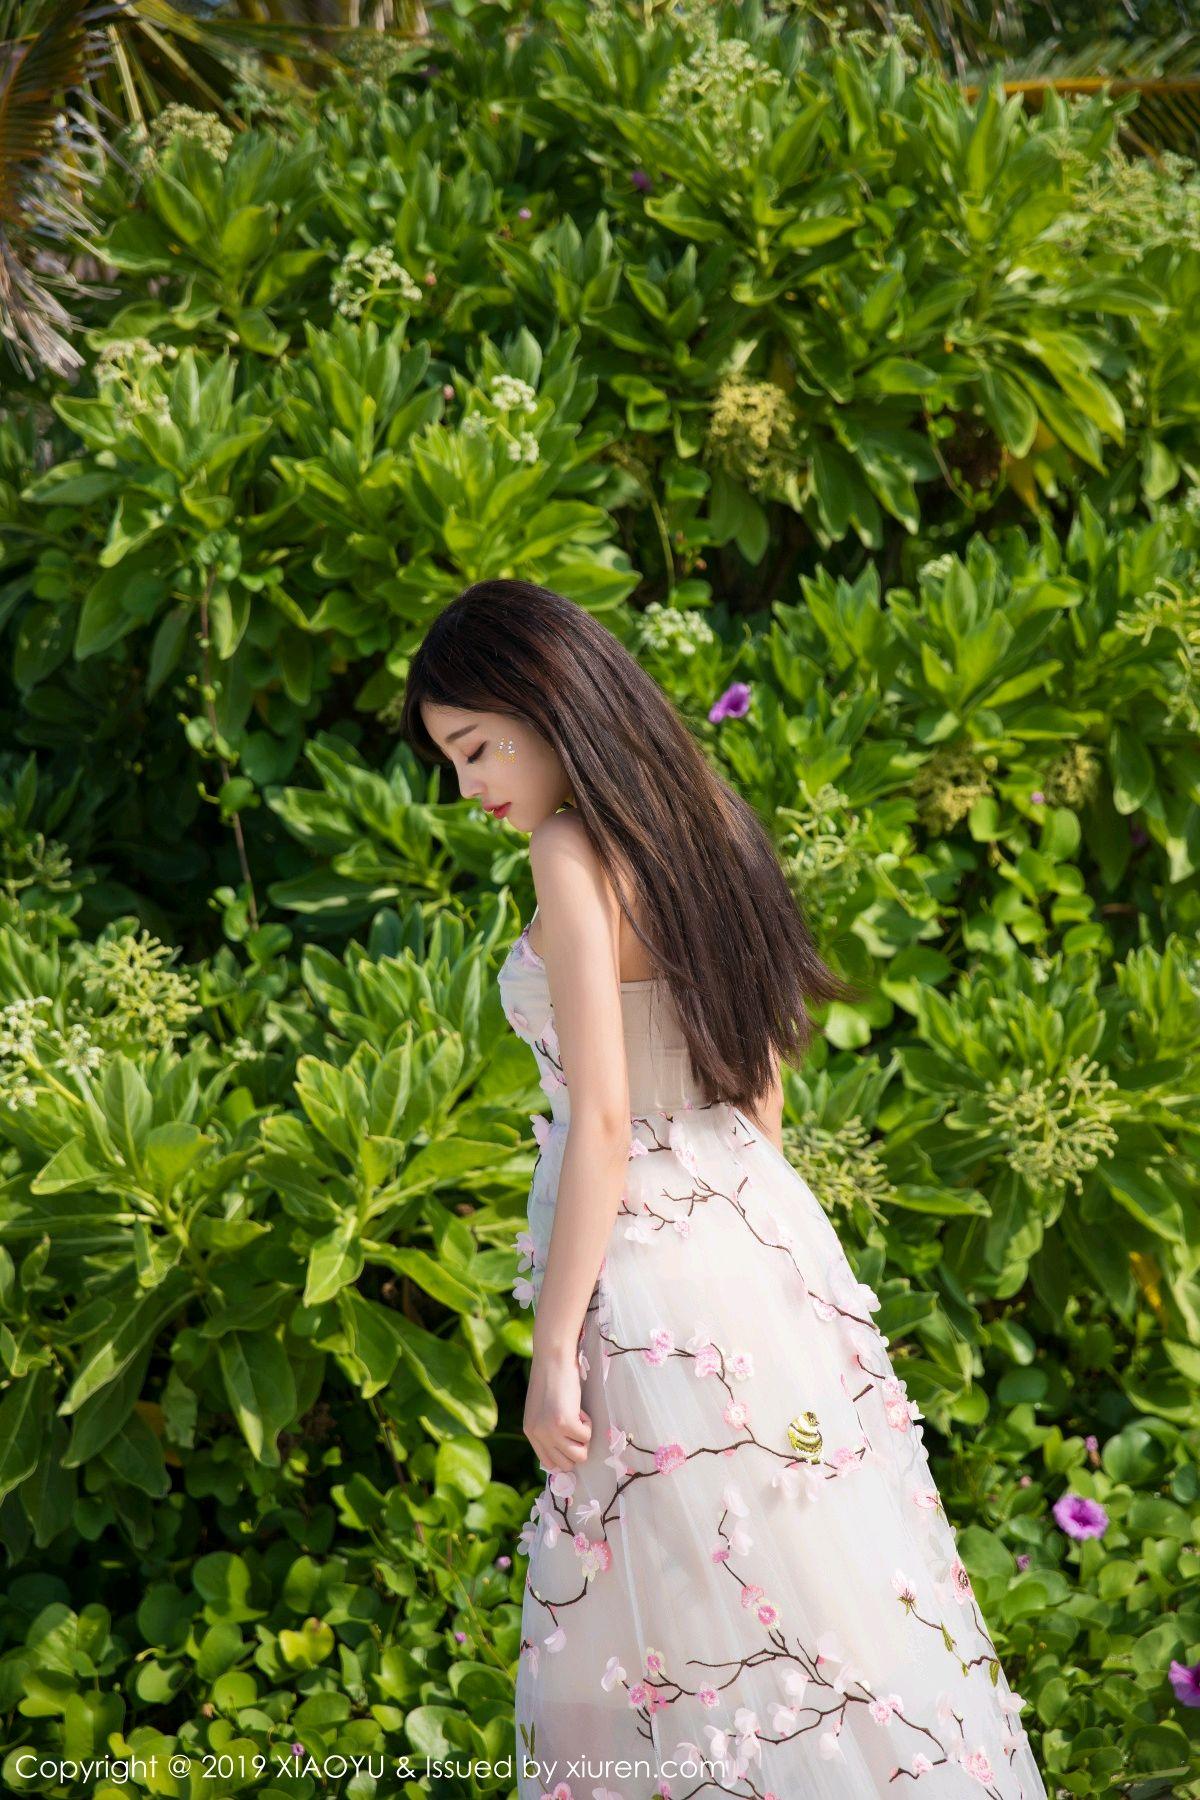 [XiaoYu] Vol.109 Yang Chen Chen 48P, Underwear, XiaoYu, Yang Chen Chen